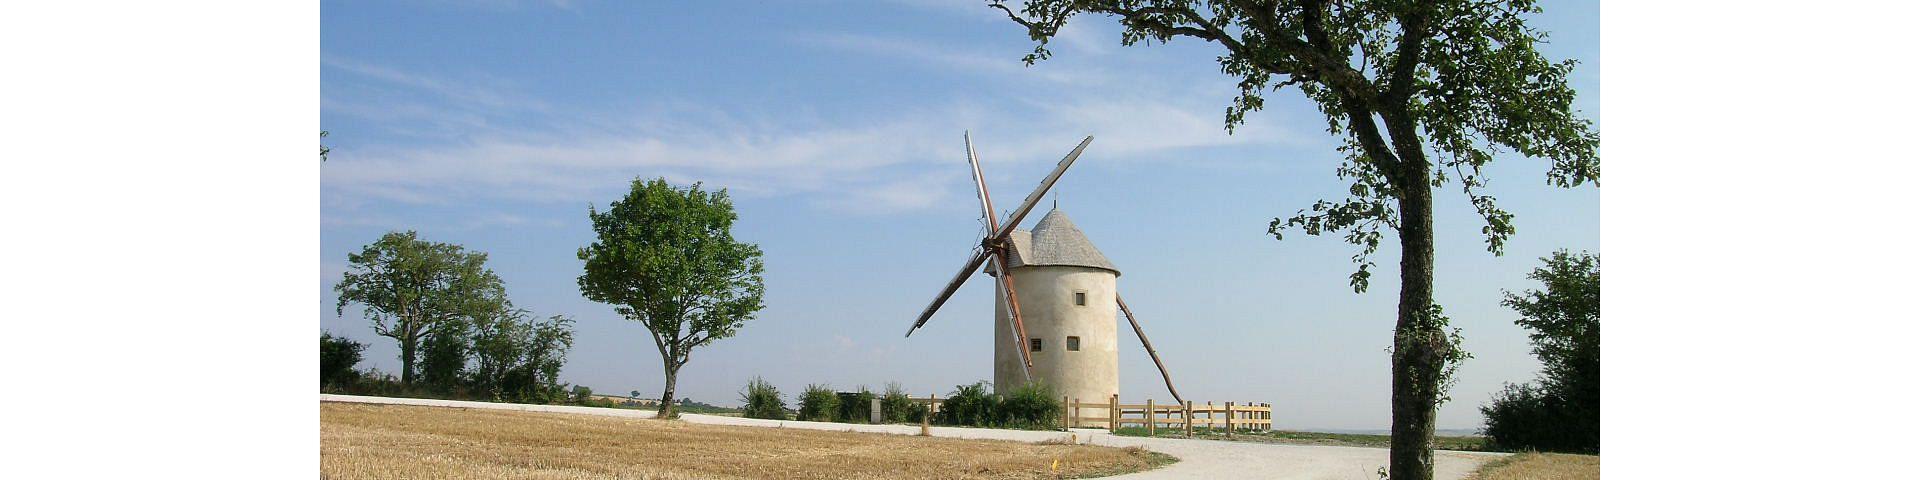 Bouhy - Moulin-à-vent (58)